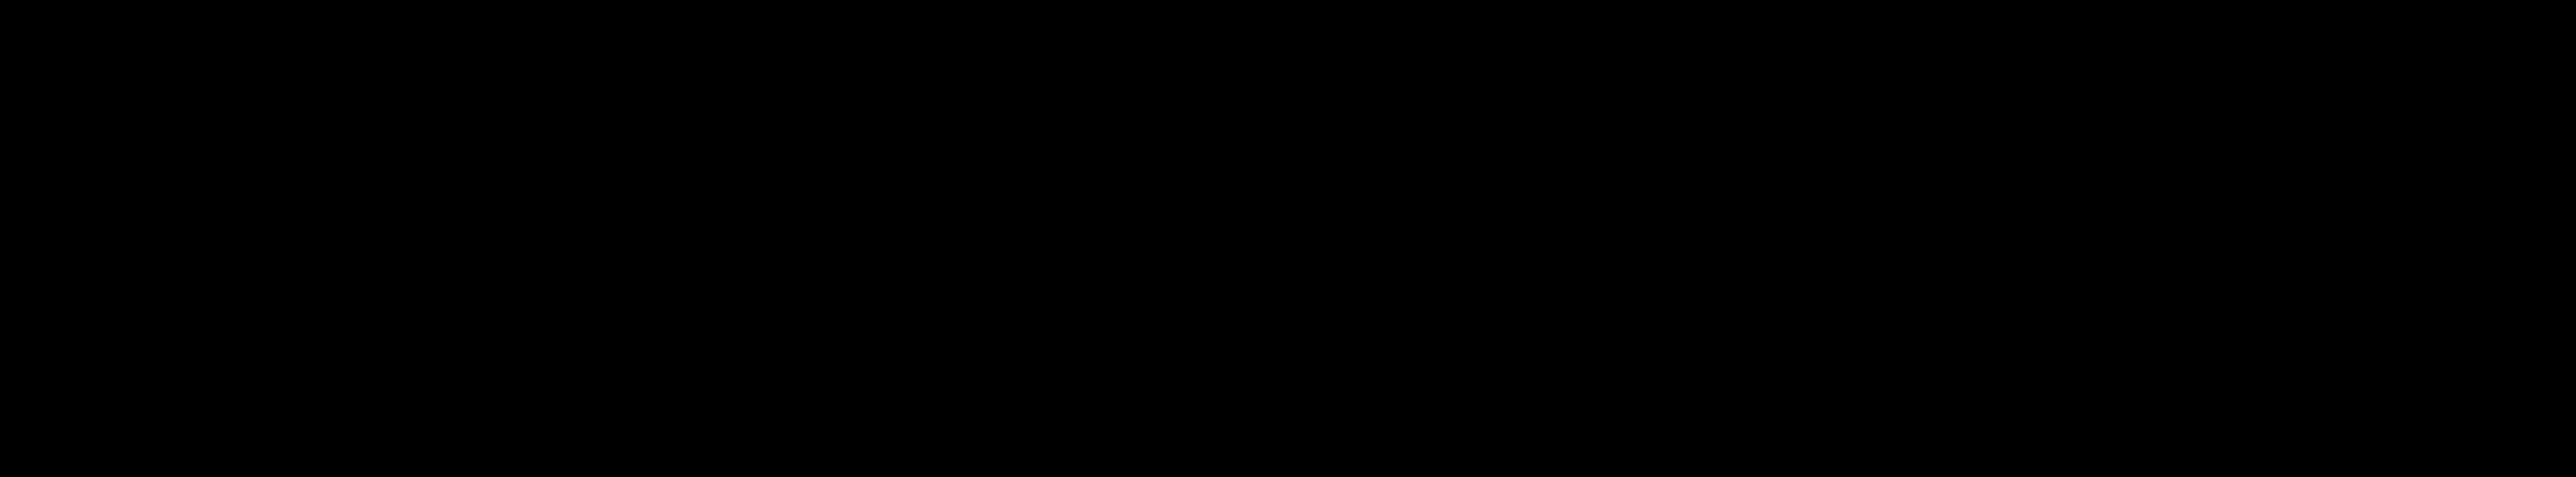 株式会社トランスリアル